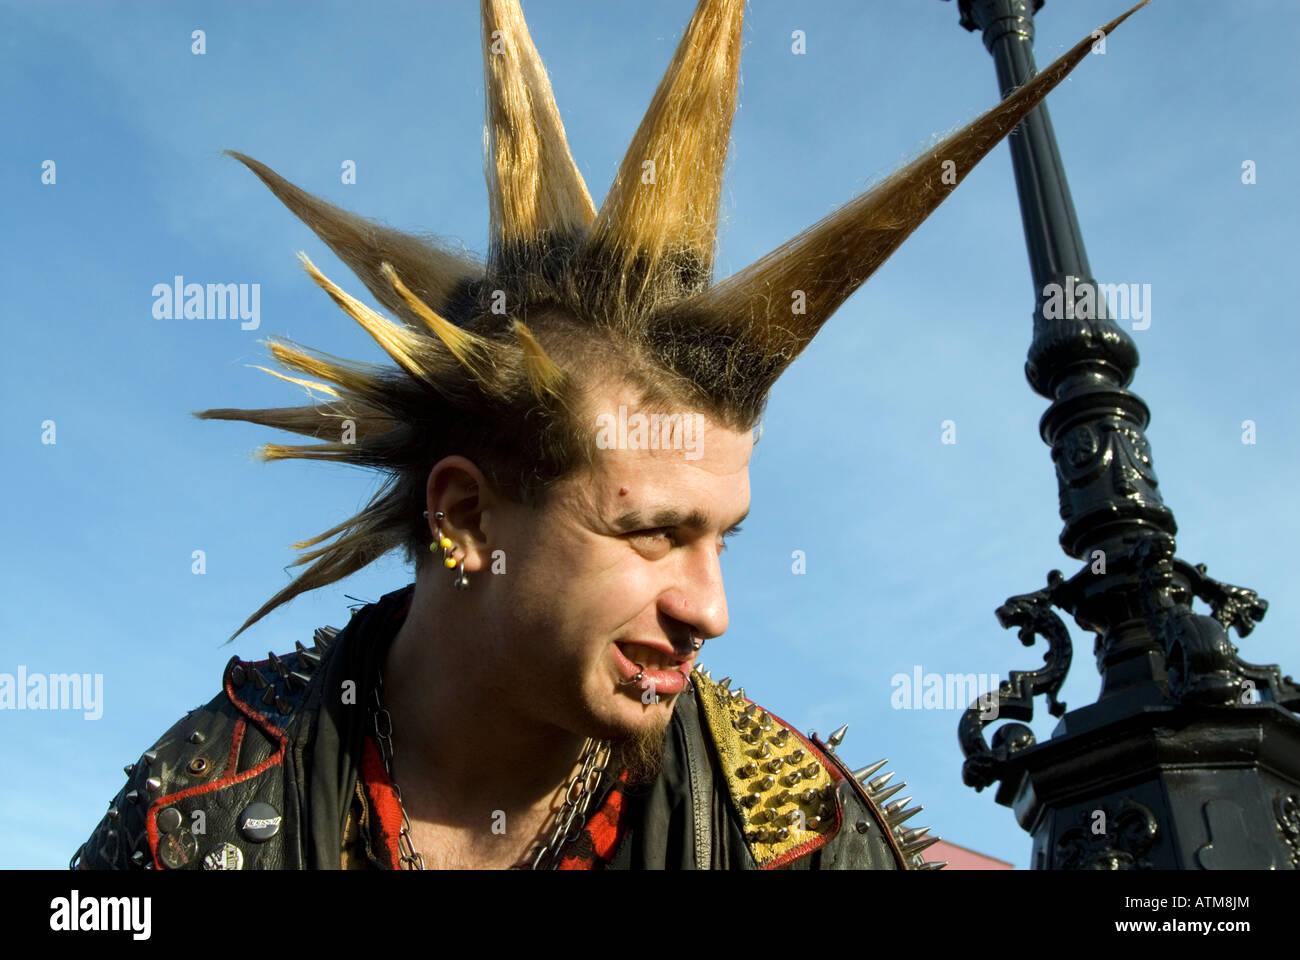 Kühlschrank Punk : Punk stockfotos punk bilder seite alamy